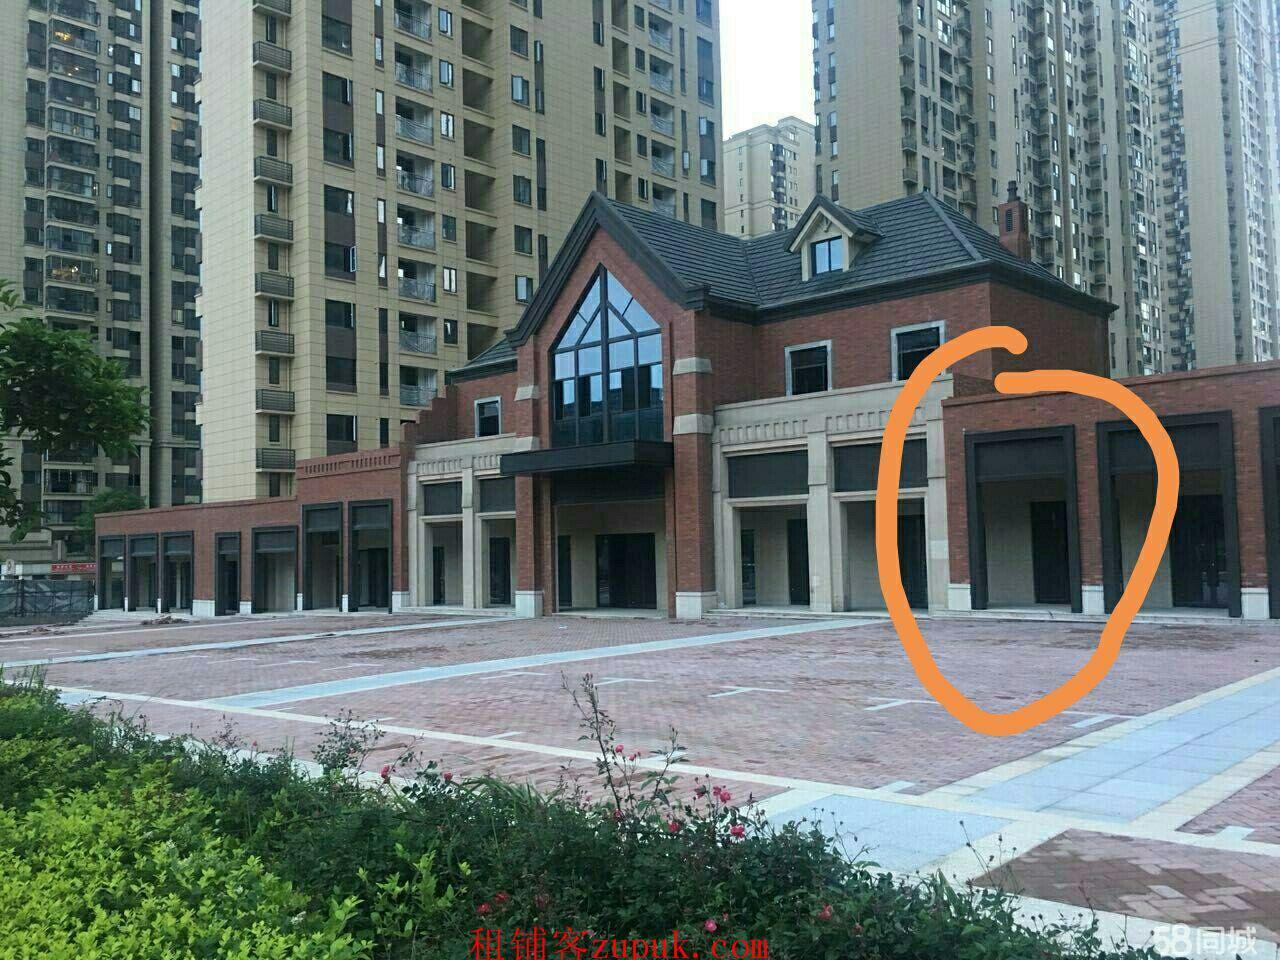 长沙县星沙保利香槟国际广场BRT/地铁旺铺,租金面议!!